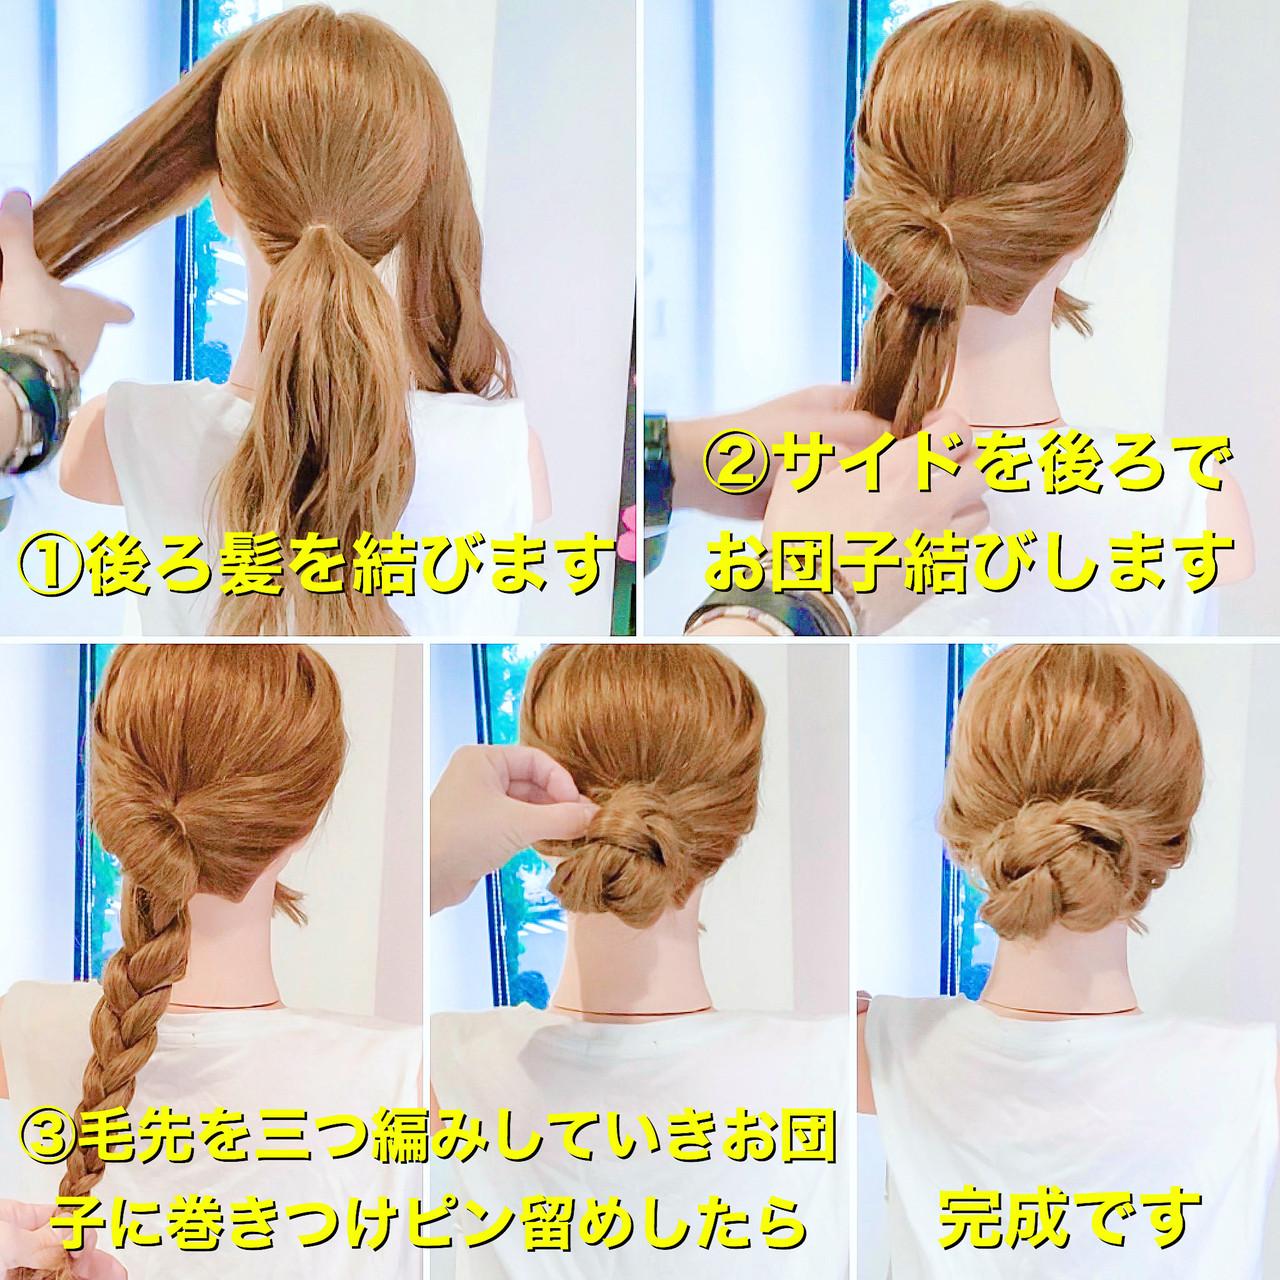 ヘアアレンジ セルフヘアアレンジ お団子ヘア エレガント ヘアスタイルや髪型の写真・画像